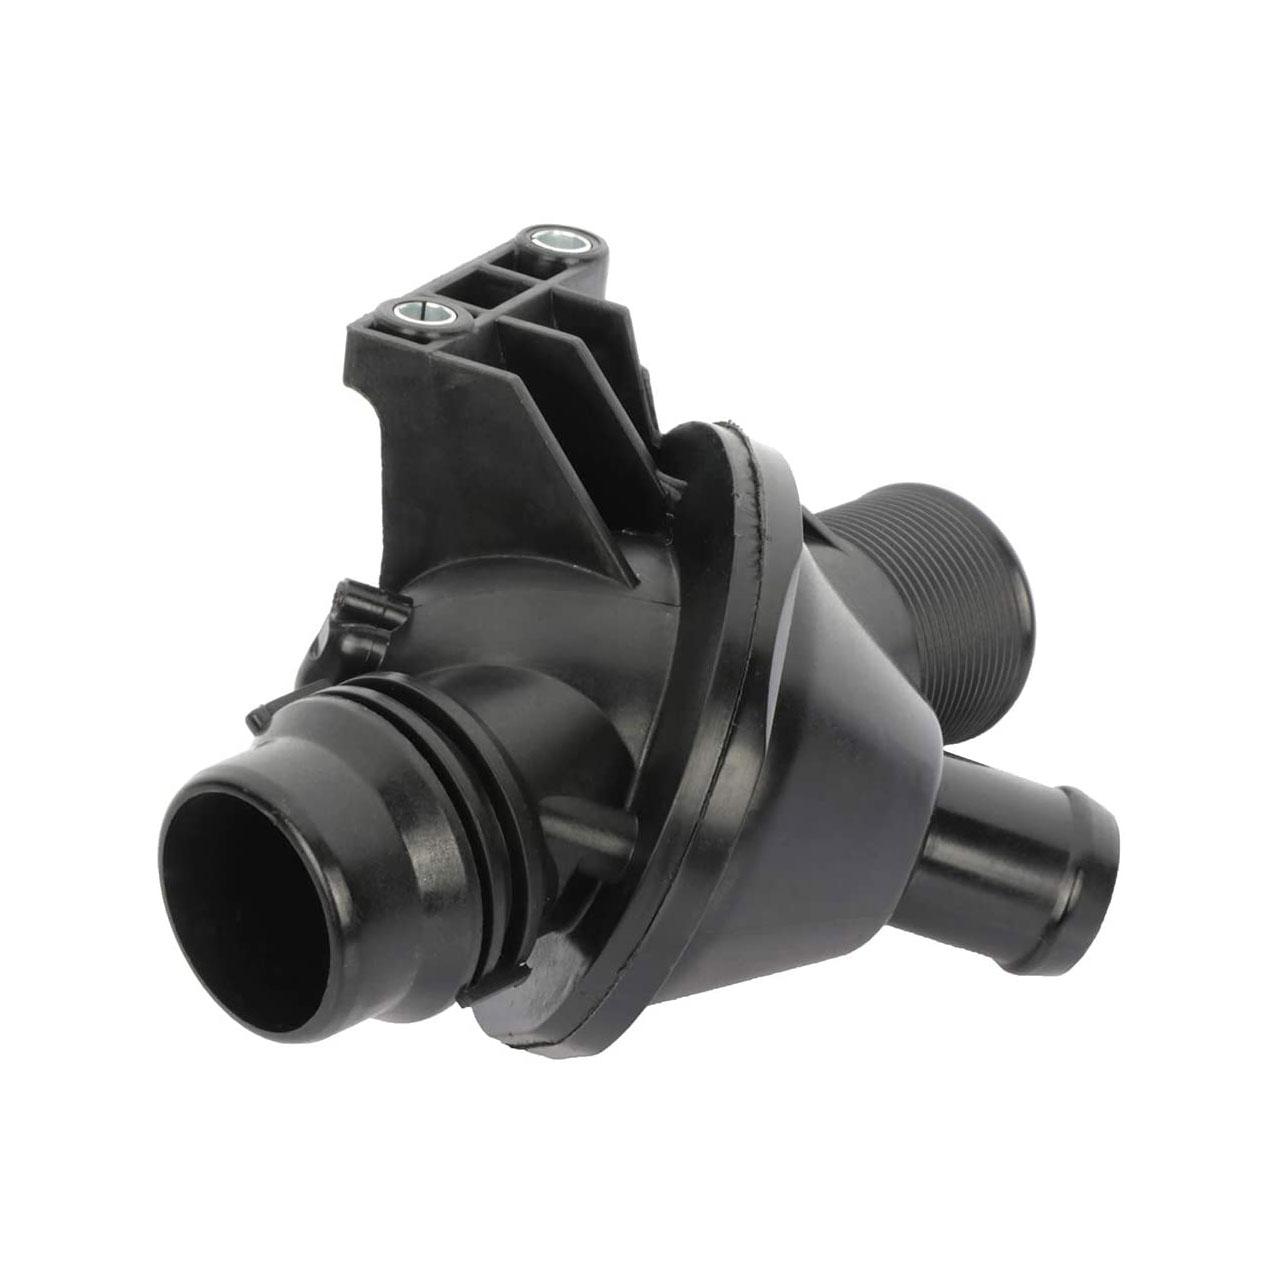 ترموستات خودرو بی ام دبلیو مدل N20 مناسب برای X3